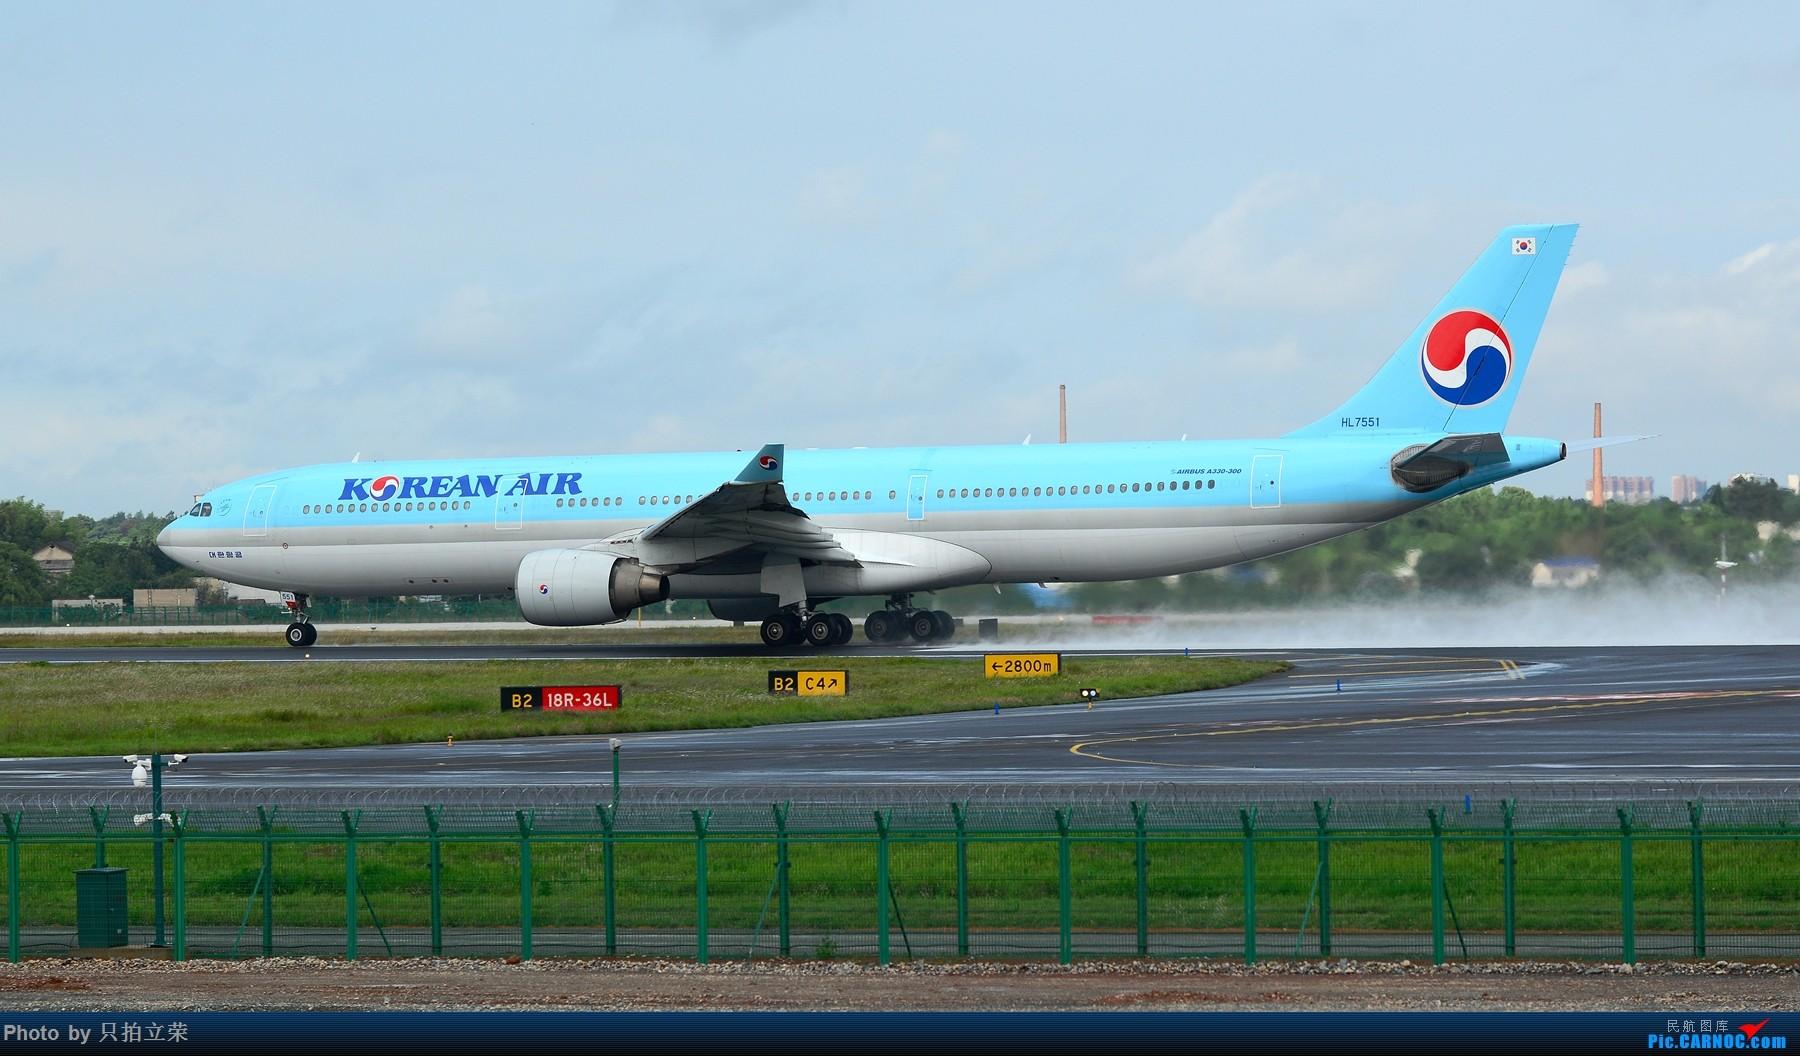 Re:[原创]湖南飞友会:雨后的黄花美如画,再加几张上个月的多彩贵州! AIRBUS A330-300 HL7551 中国长沙黄花国际机场